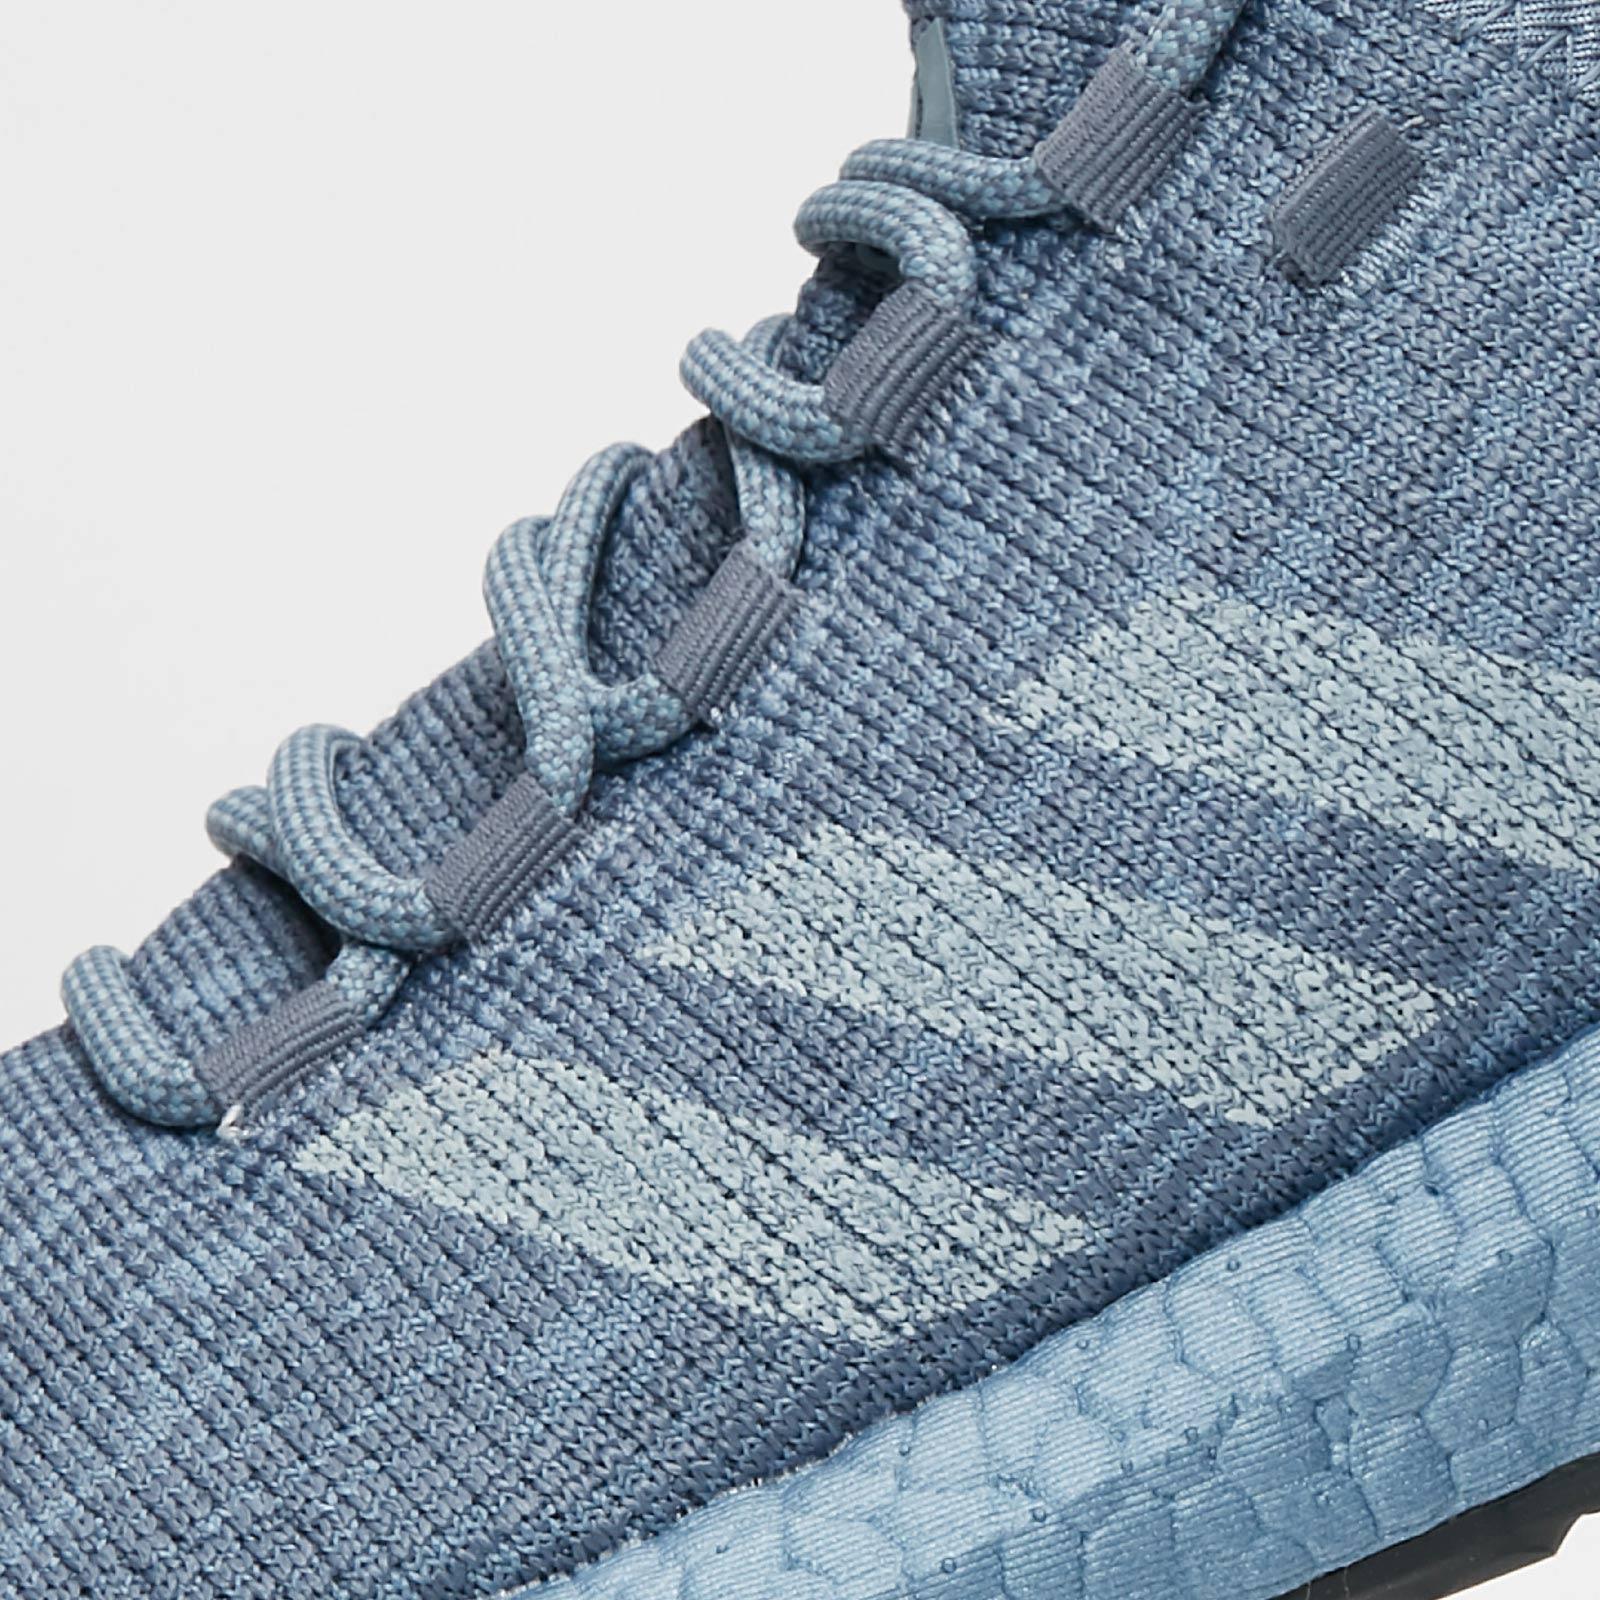 011bd9a96c adidas Pureboost - Cm8303 - Sneakersnstuff | sneakers & streetwear online  since 1999